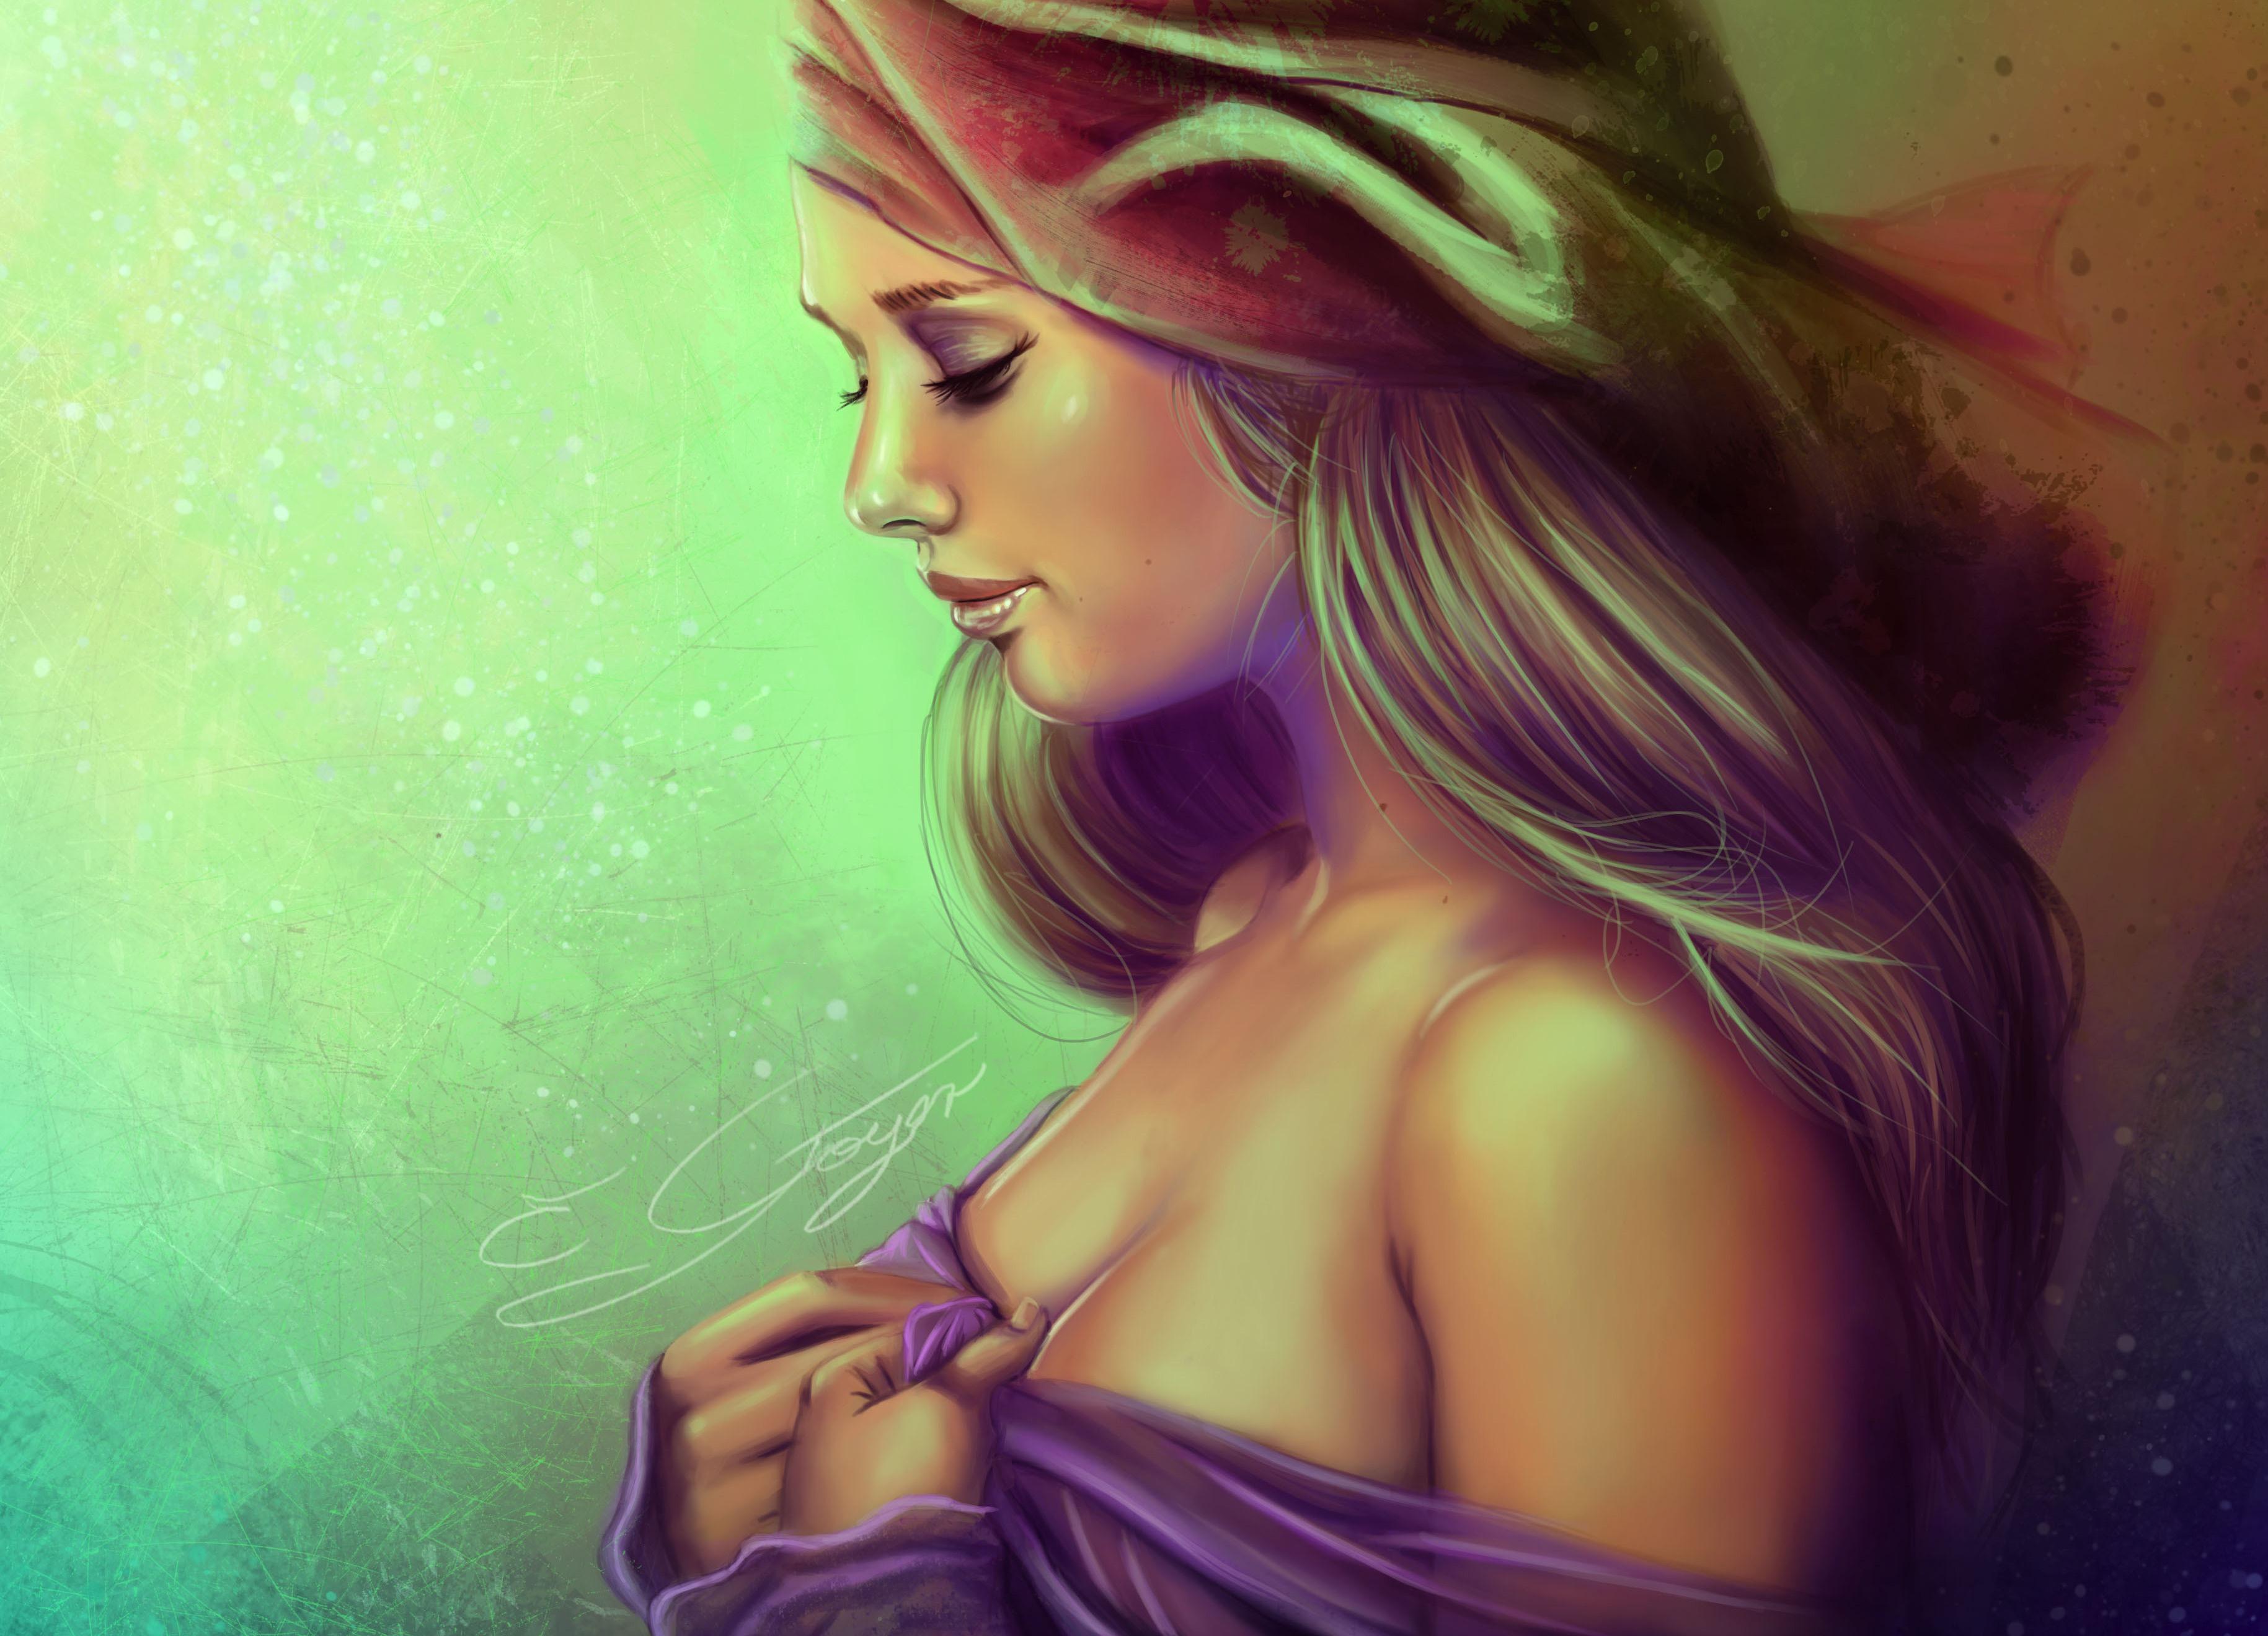 Картинка с профилем девушки красивая, днем рождения открытку